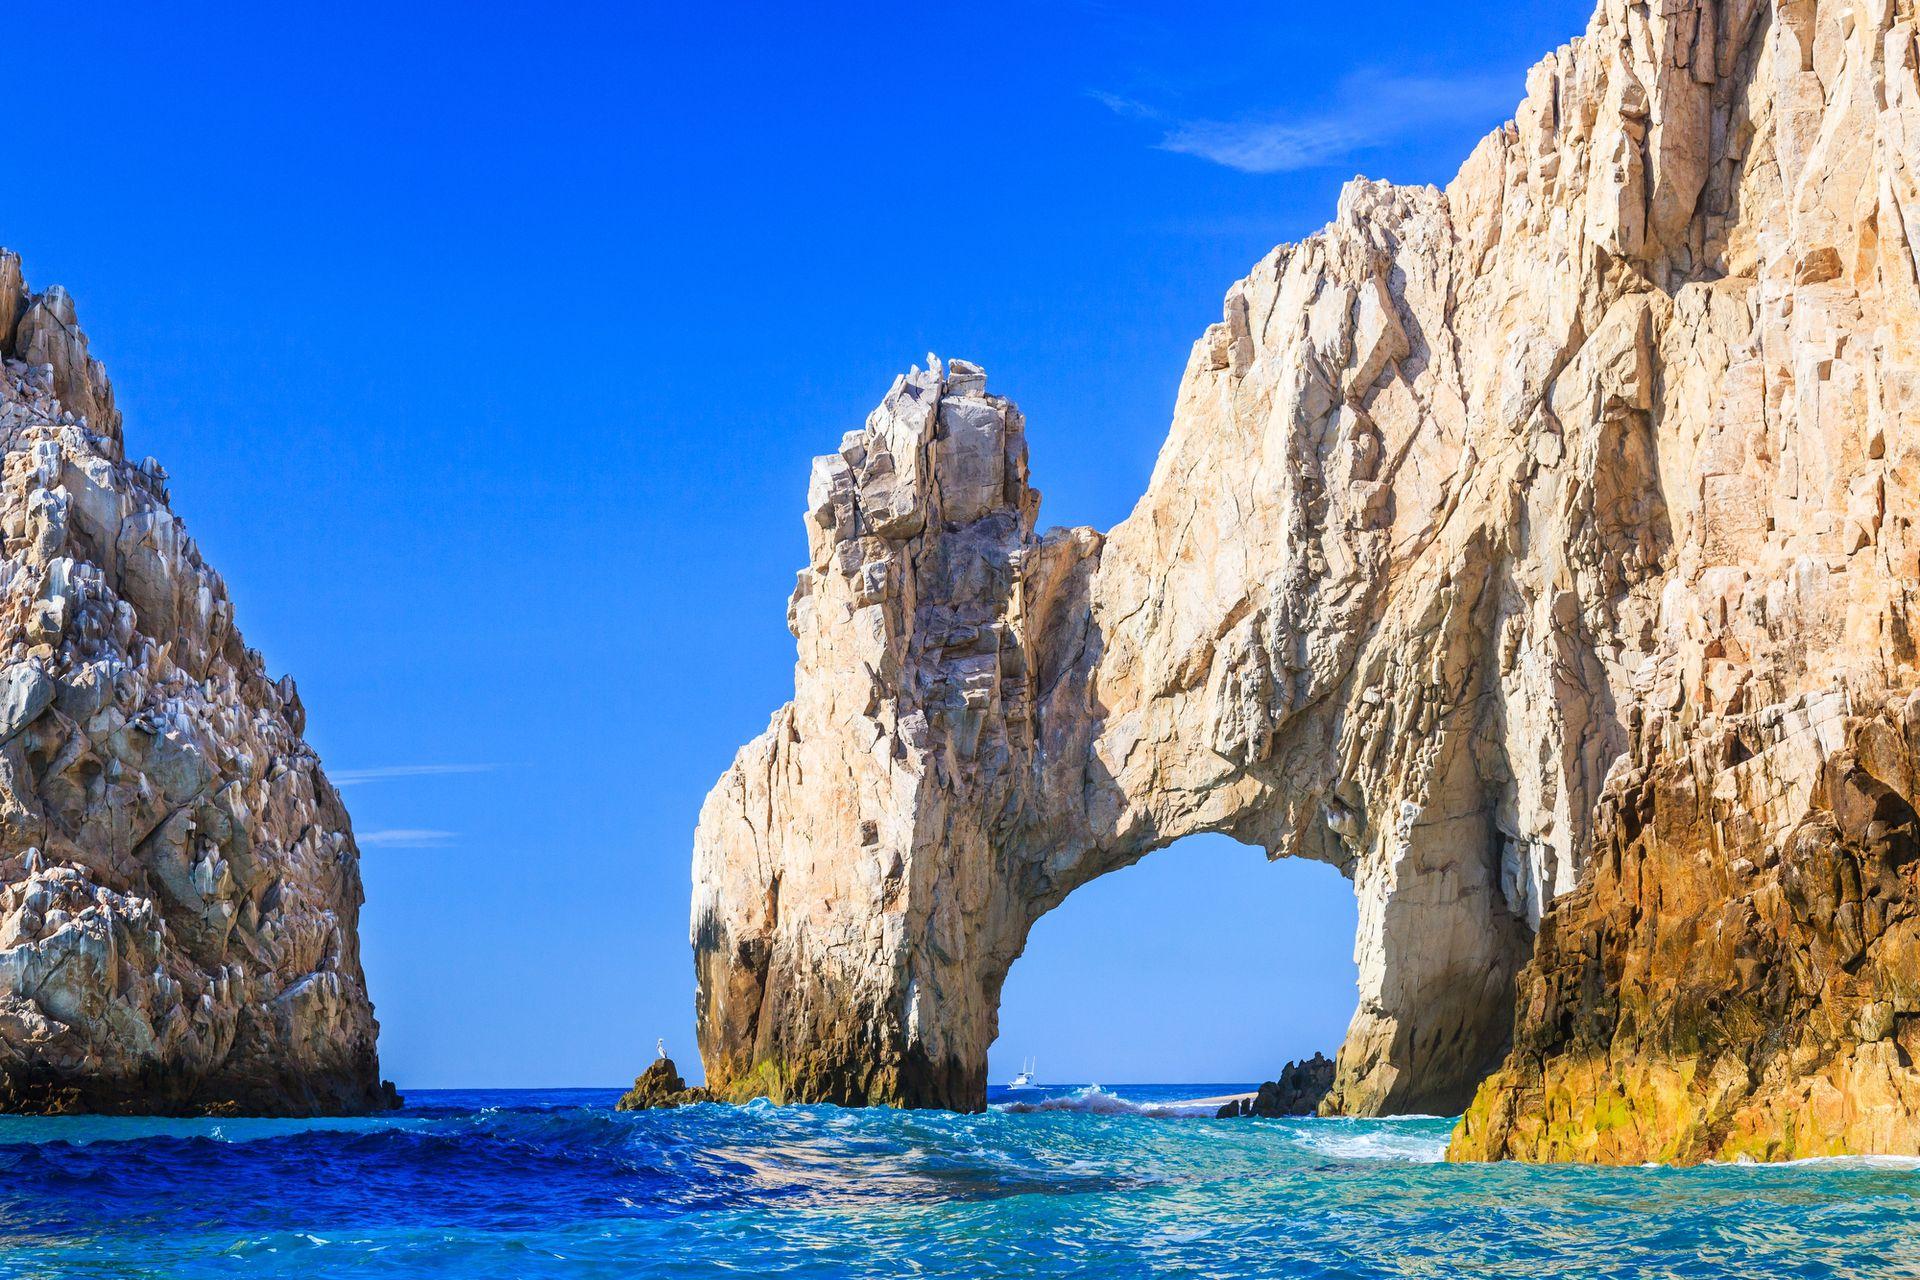 Cabo San Lucas, Los Arcos